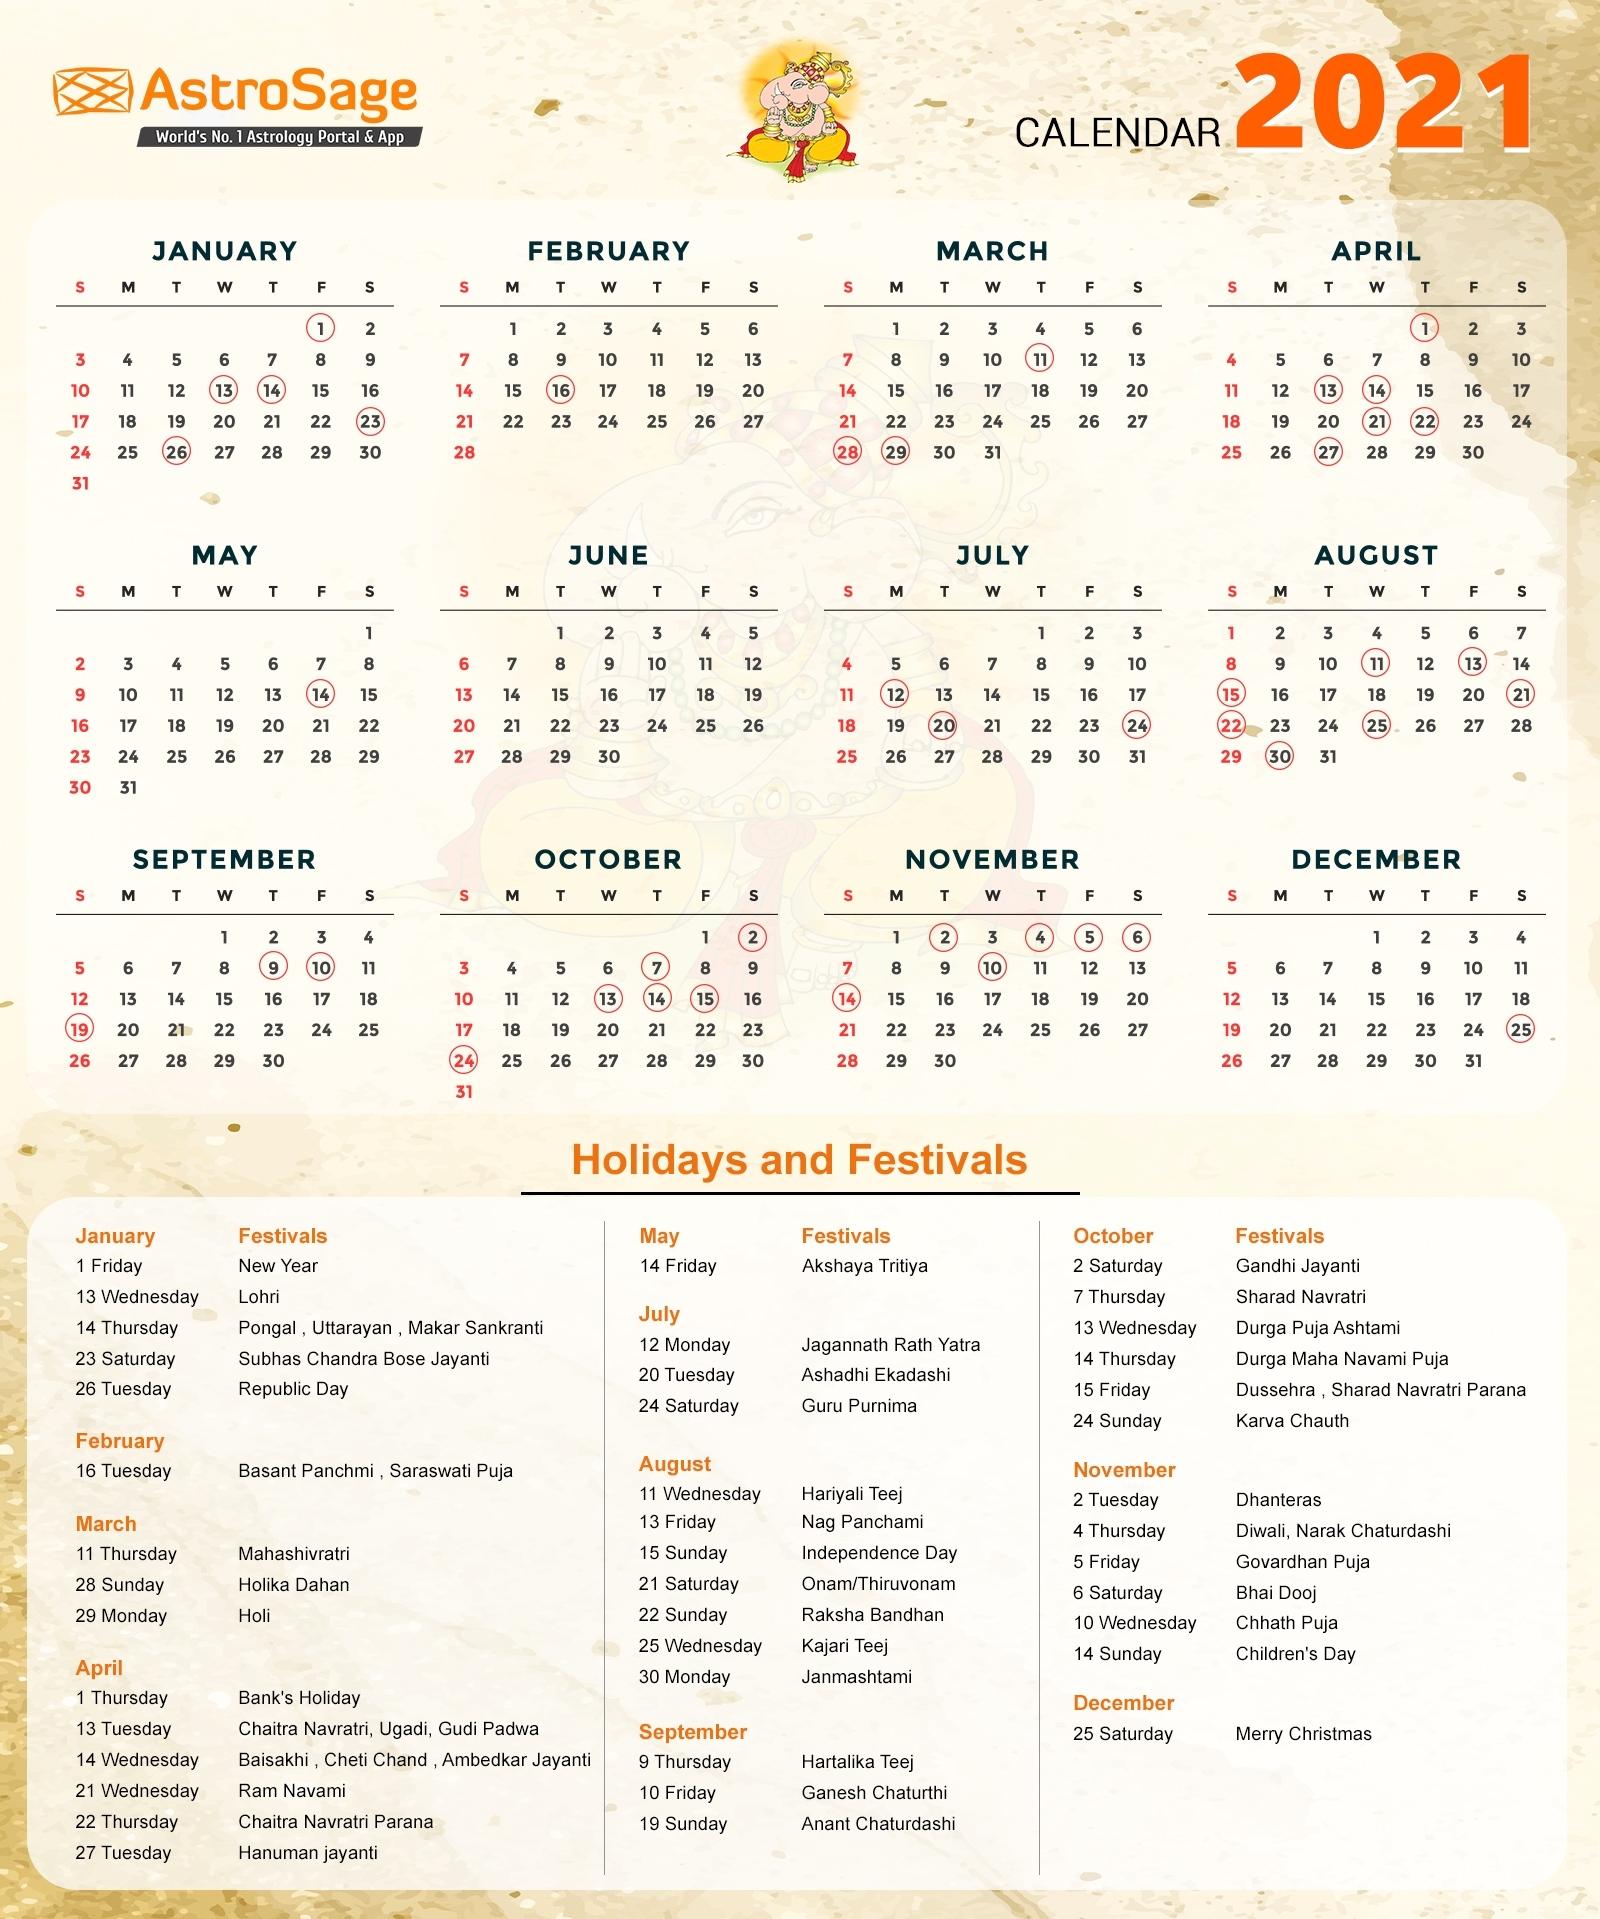 Indian Calendar 2021 - Indian Festivals & Holidays Indian Calendar Zodiac Signs